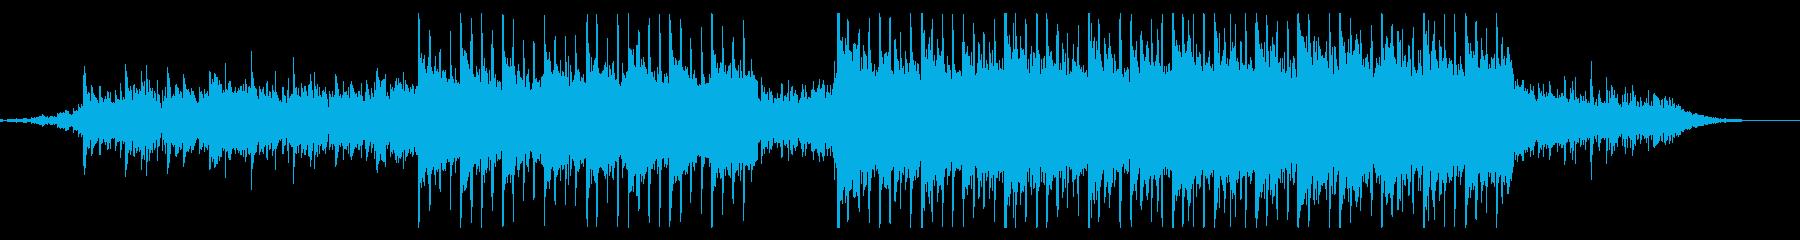 bgm44の再生済みの波形